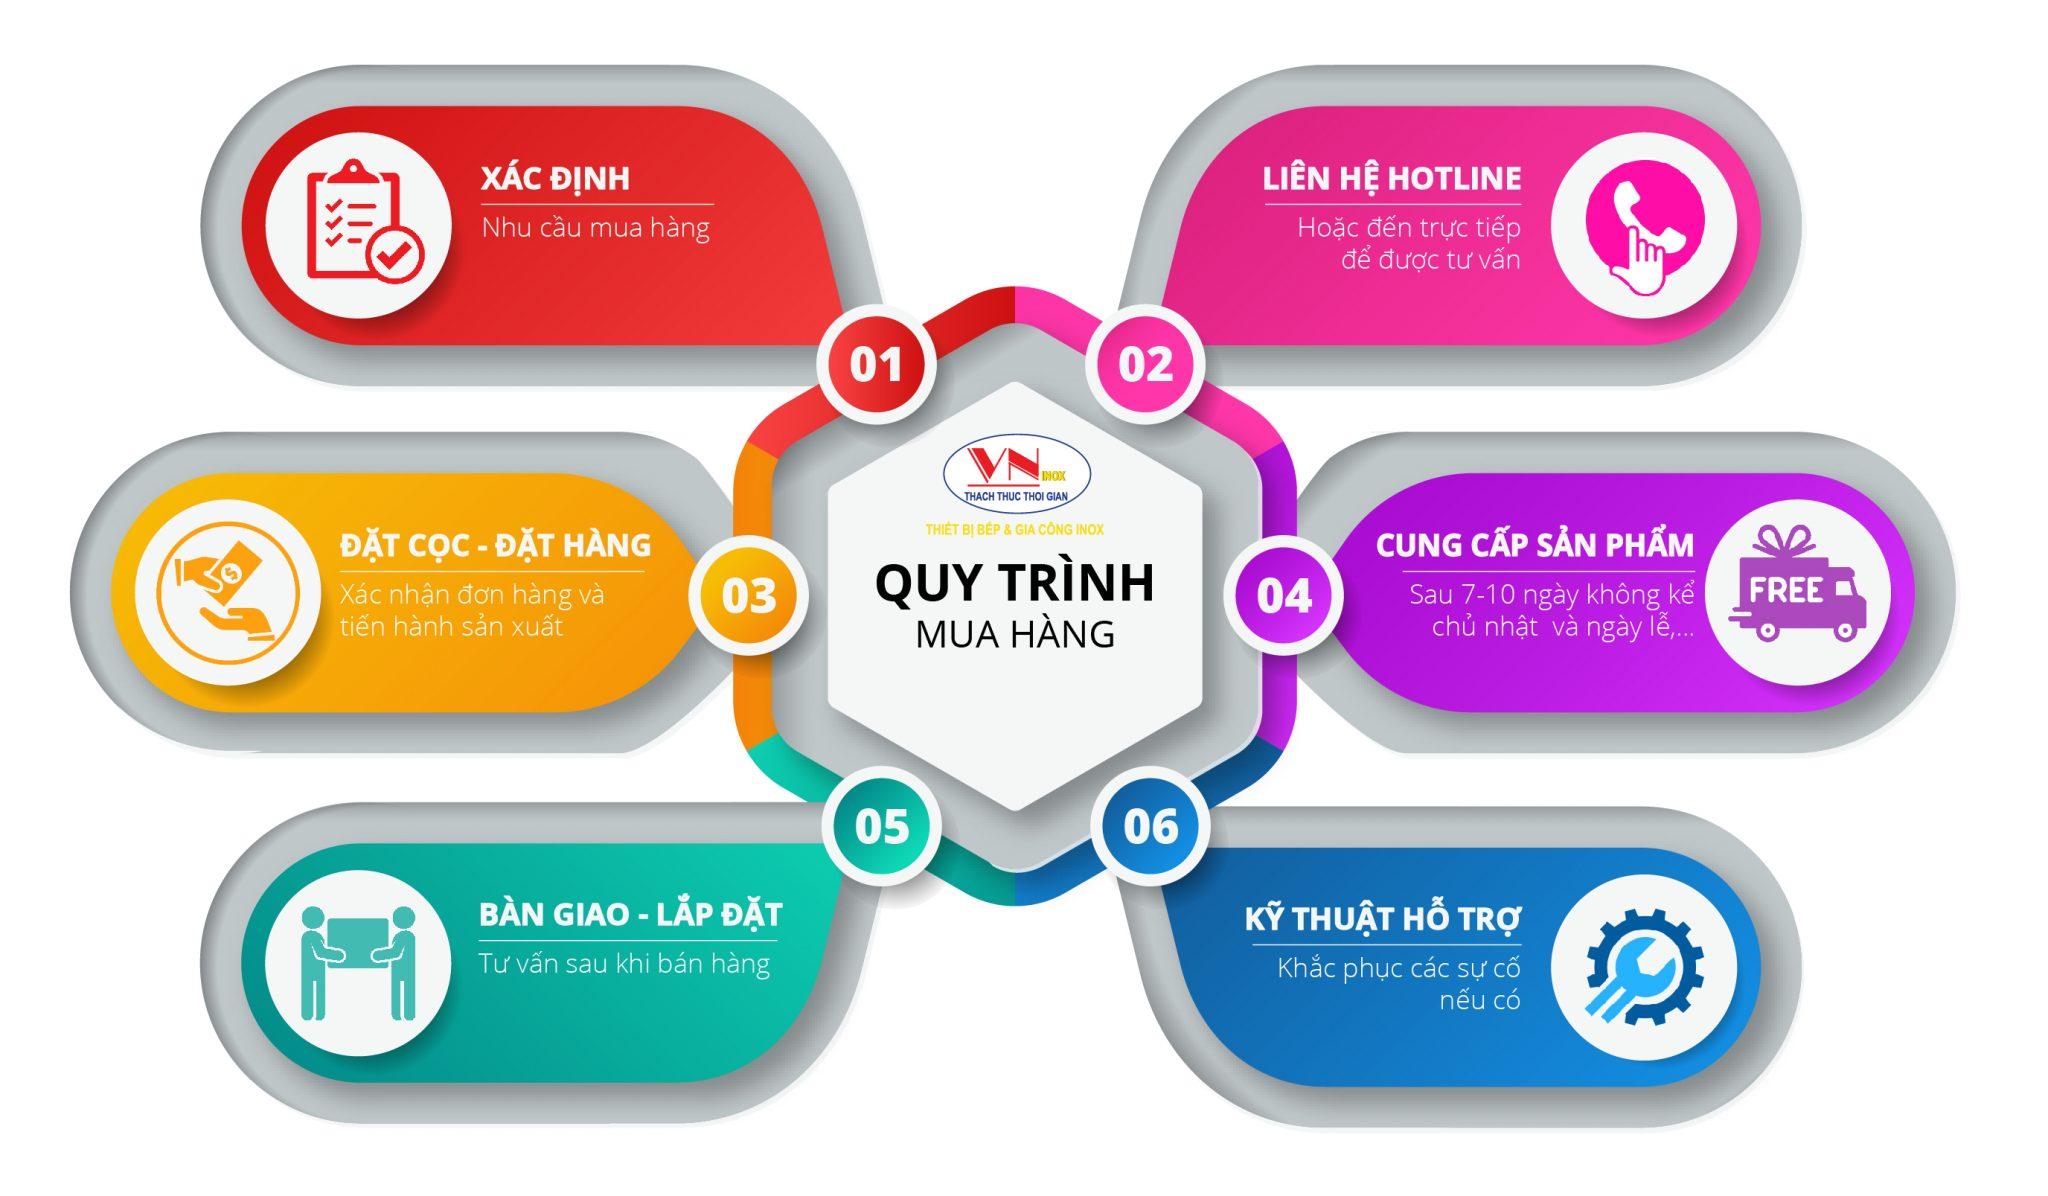 Quy trình mua sản phẩm thiết bị inox| Kệ bếp Inox tại Inox Việt.